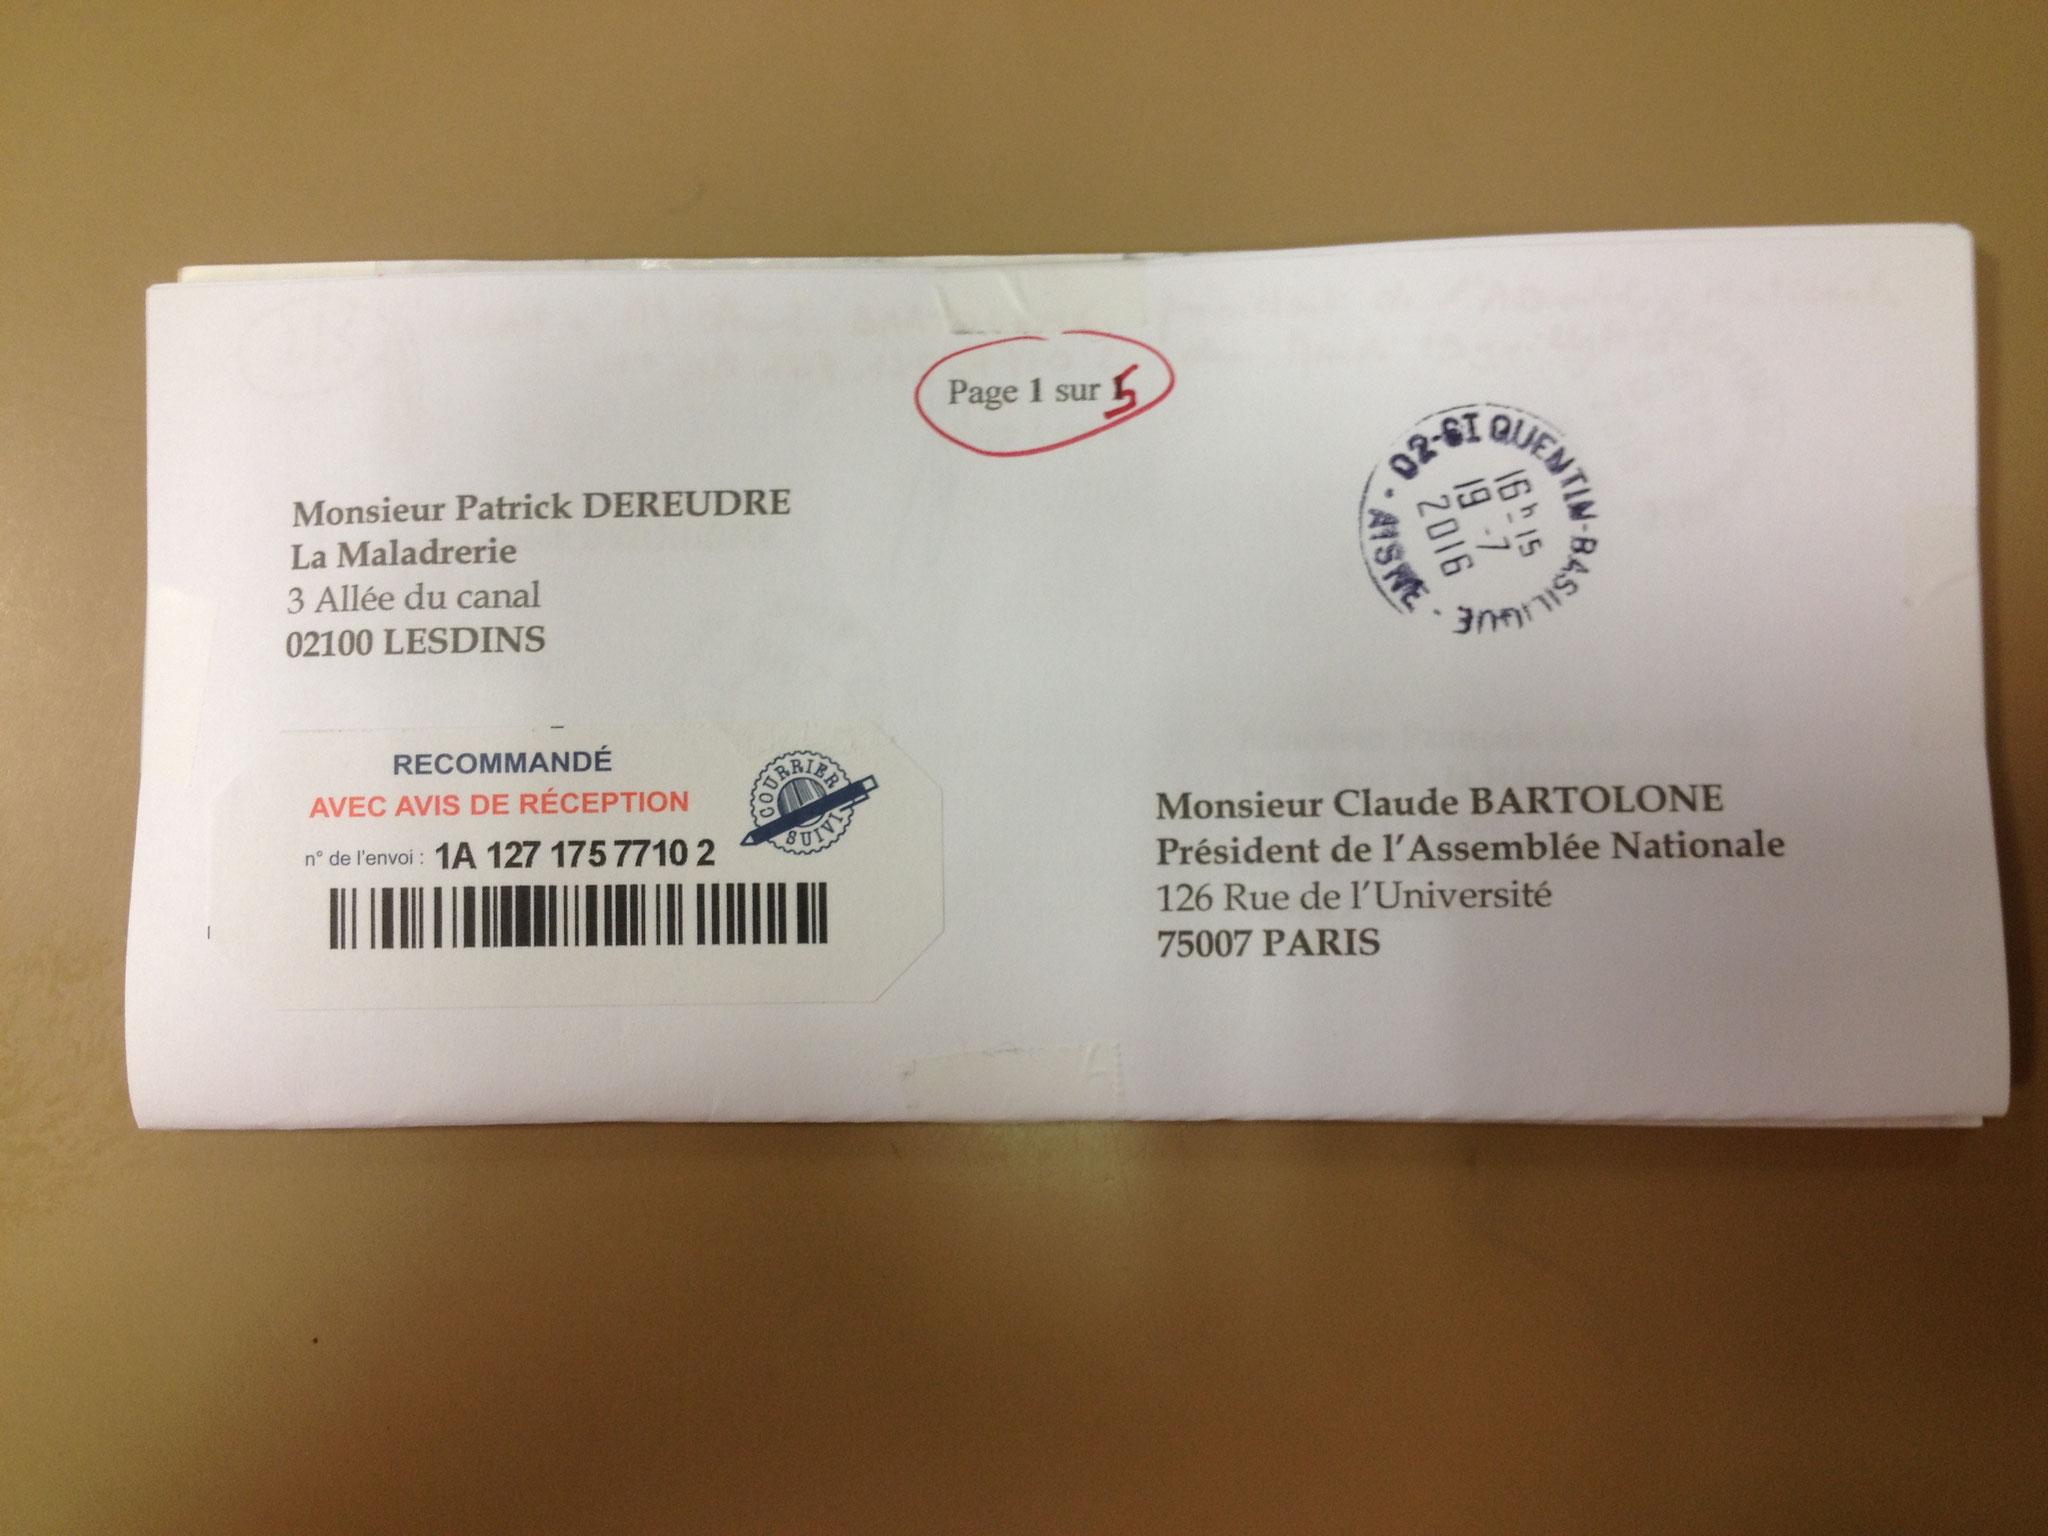 LRAR du 19 Juillet 2016 Recto à Monsieur Claude BARTOLONE le Président de l'Assemblée Nationale